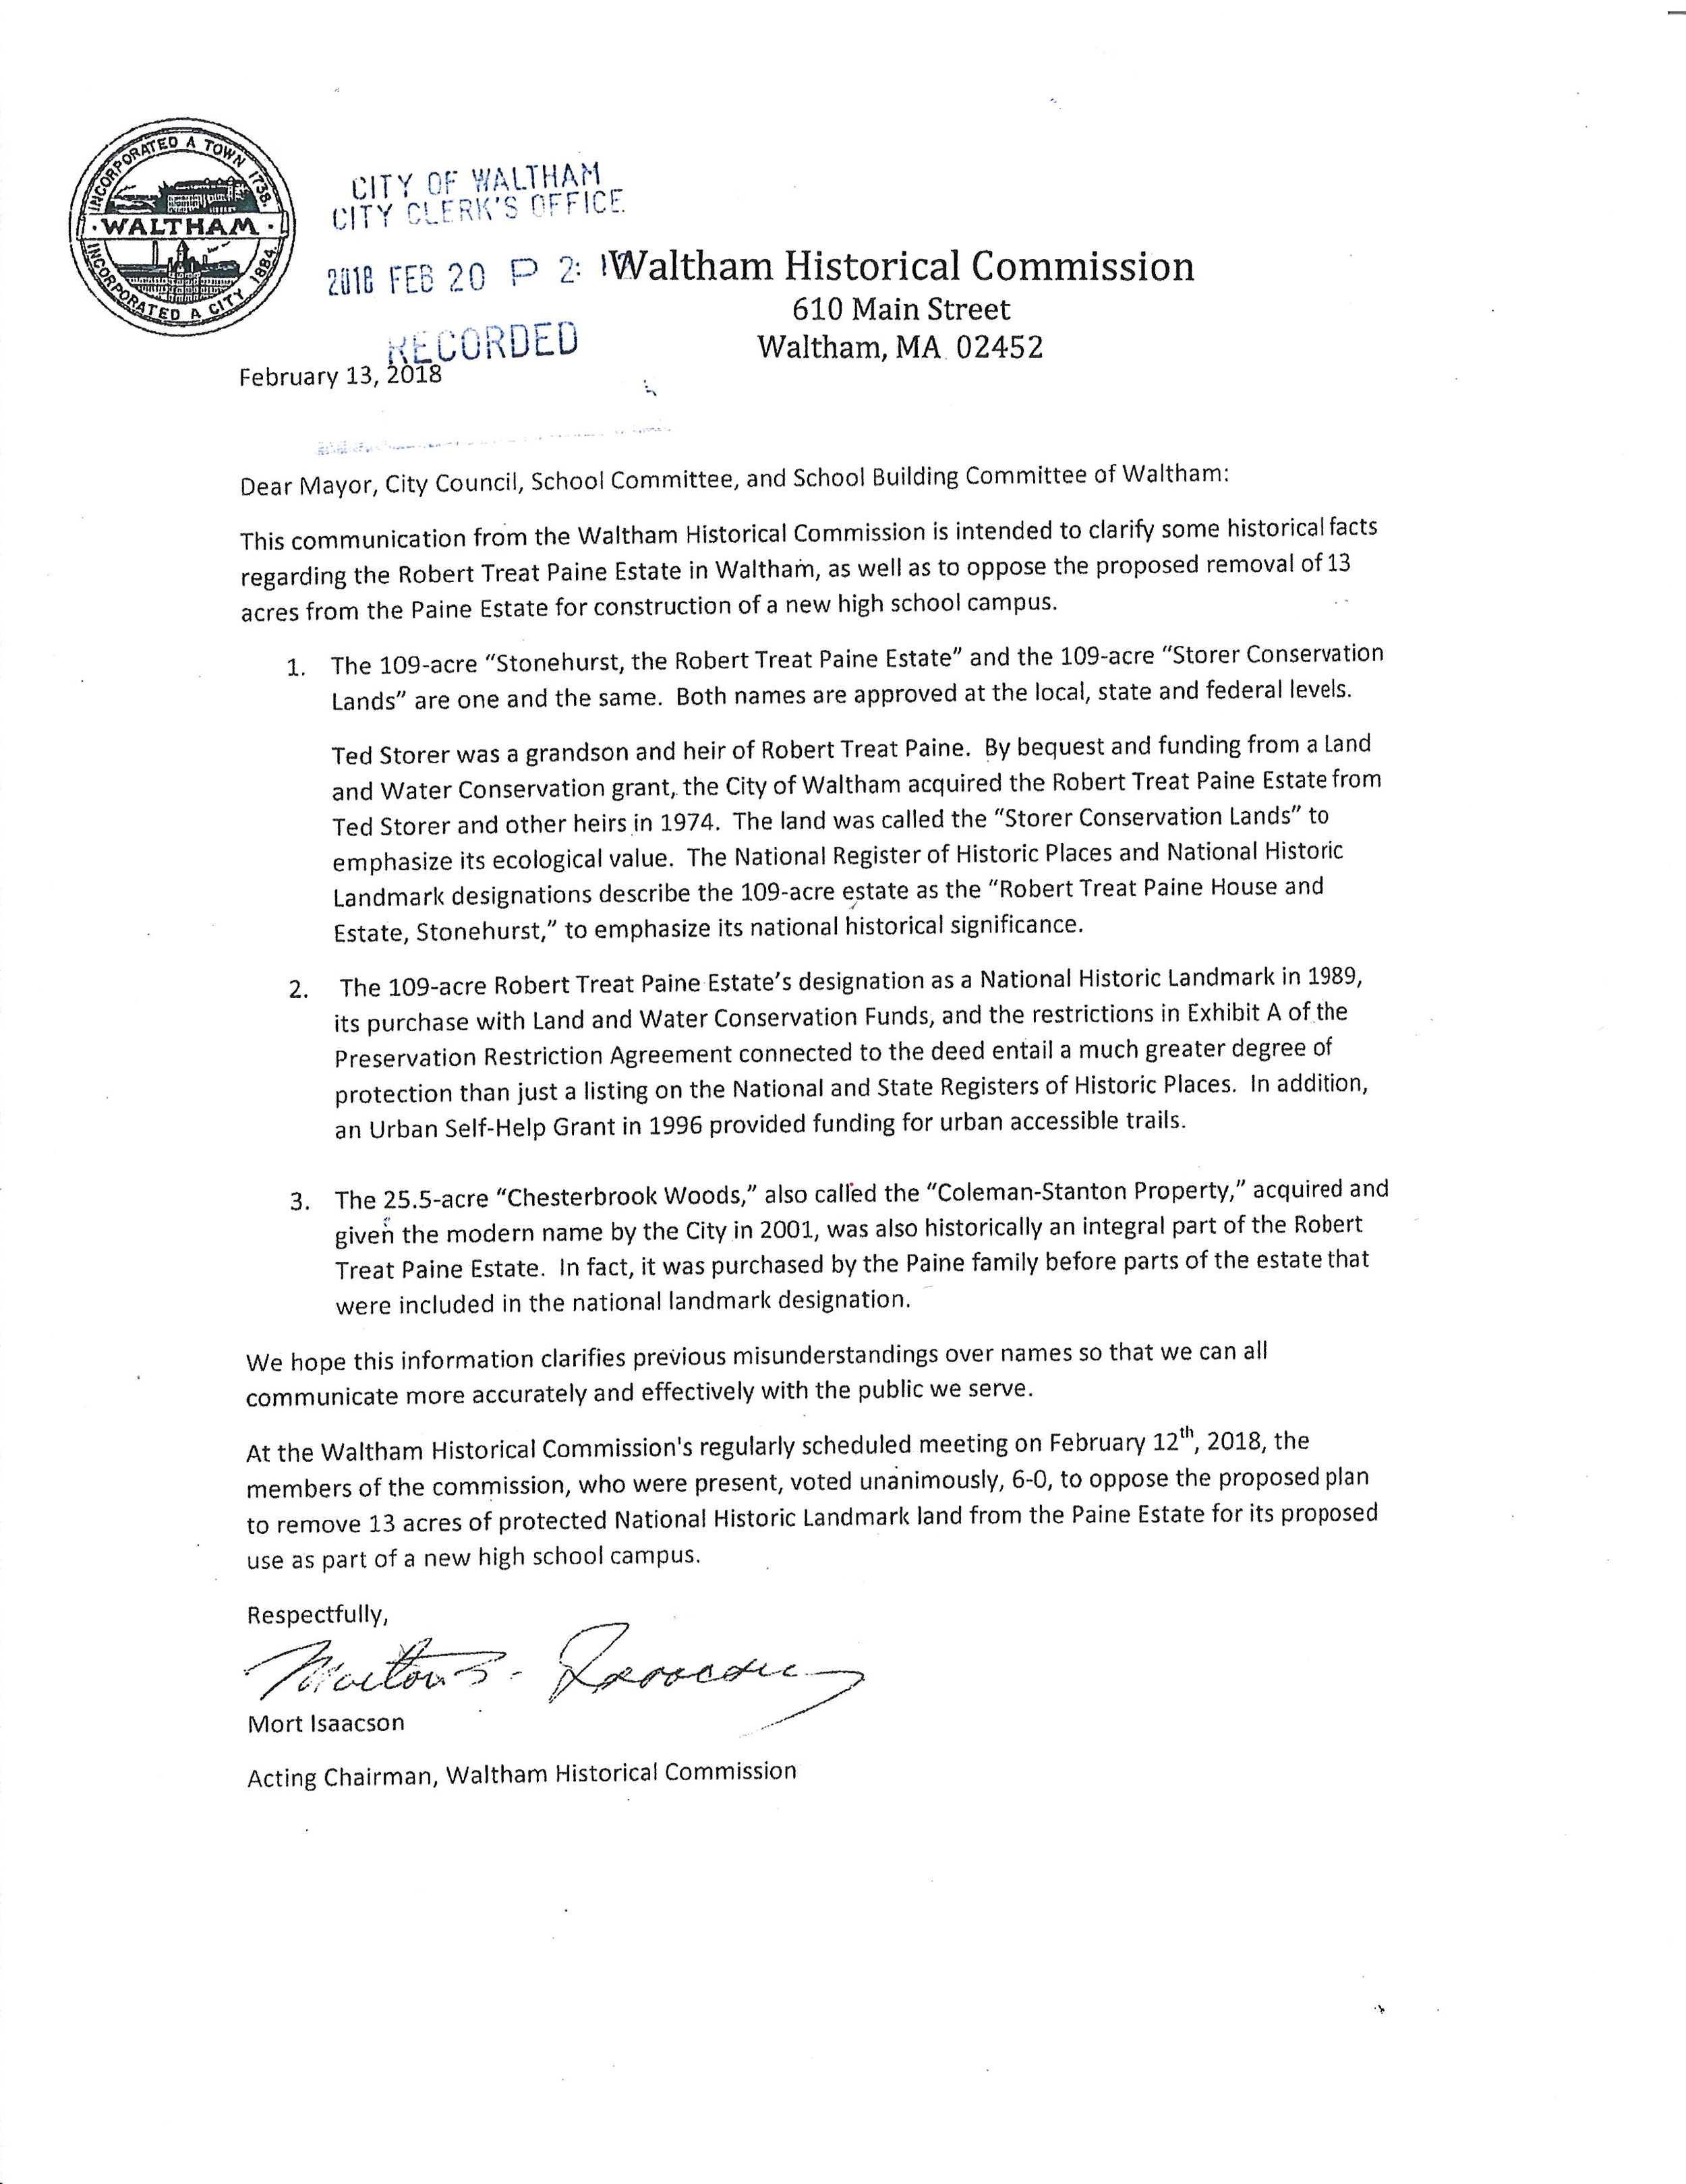 WHC letter.JPG